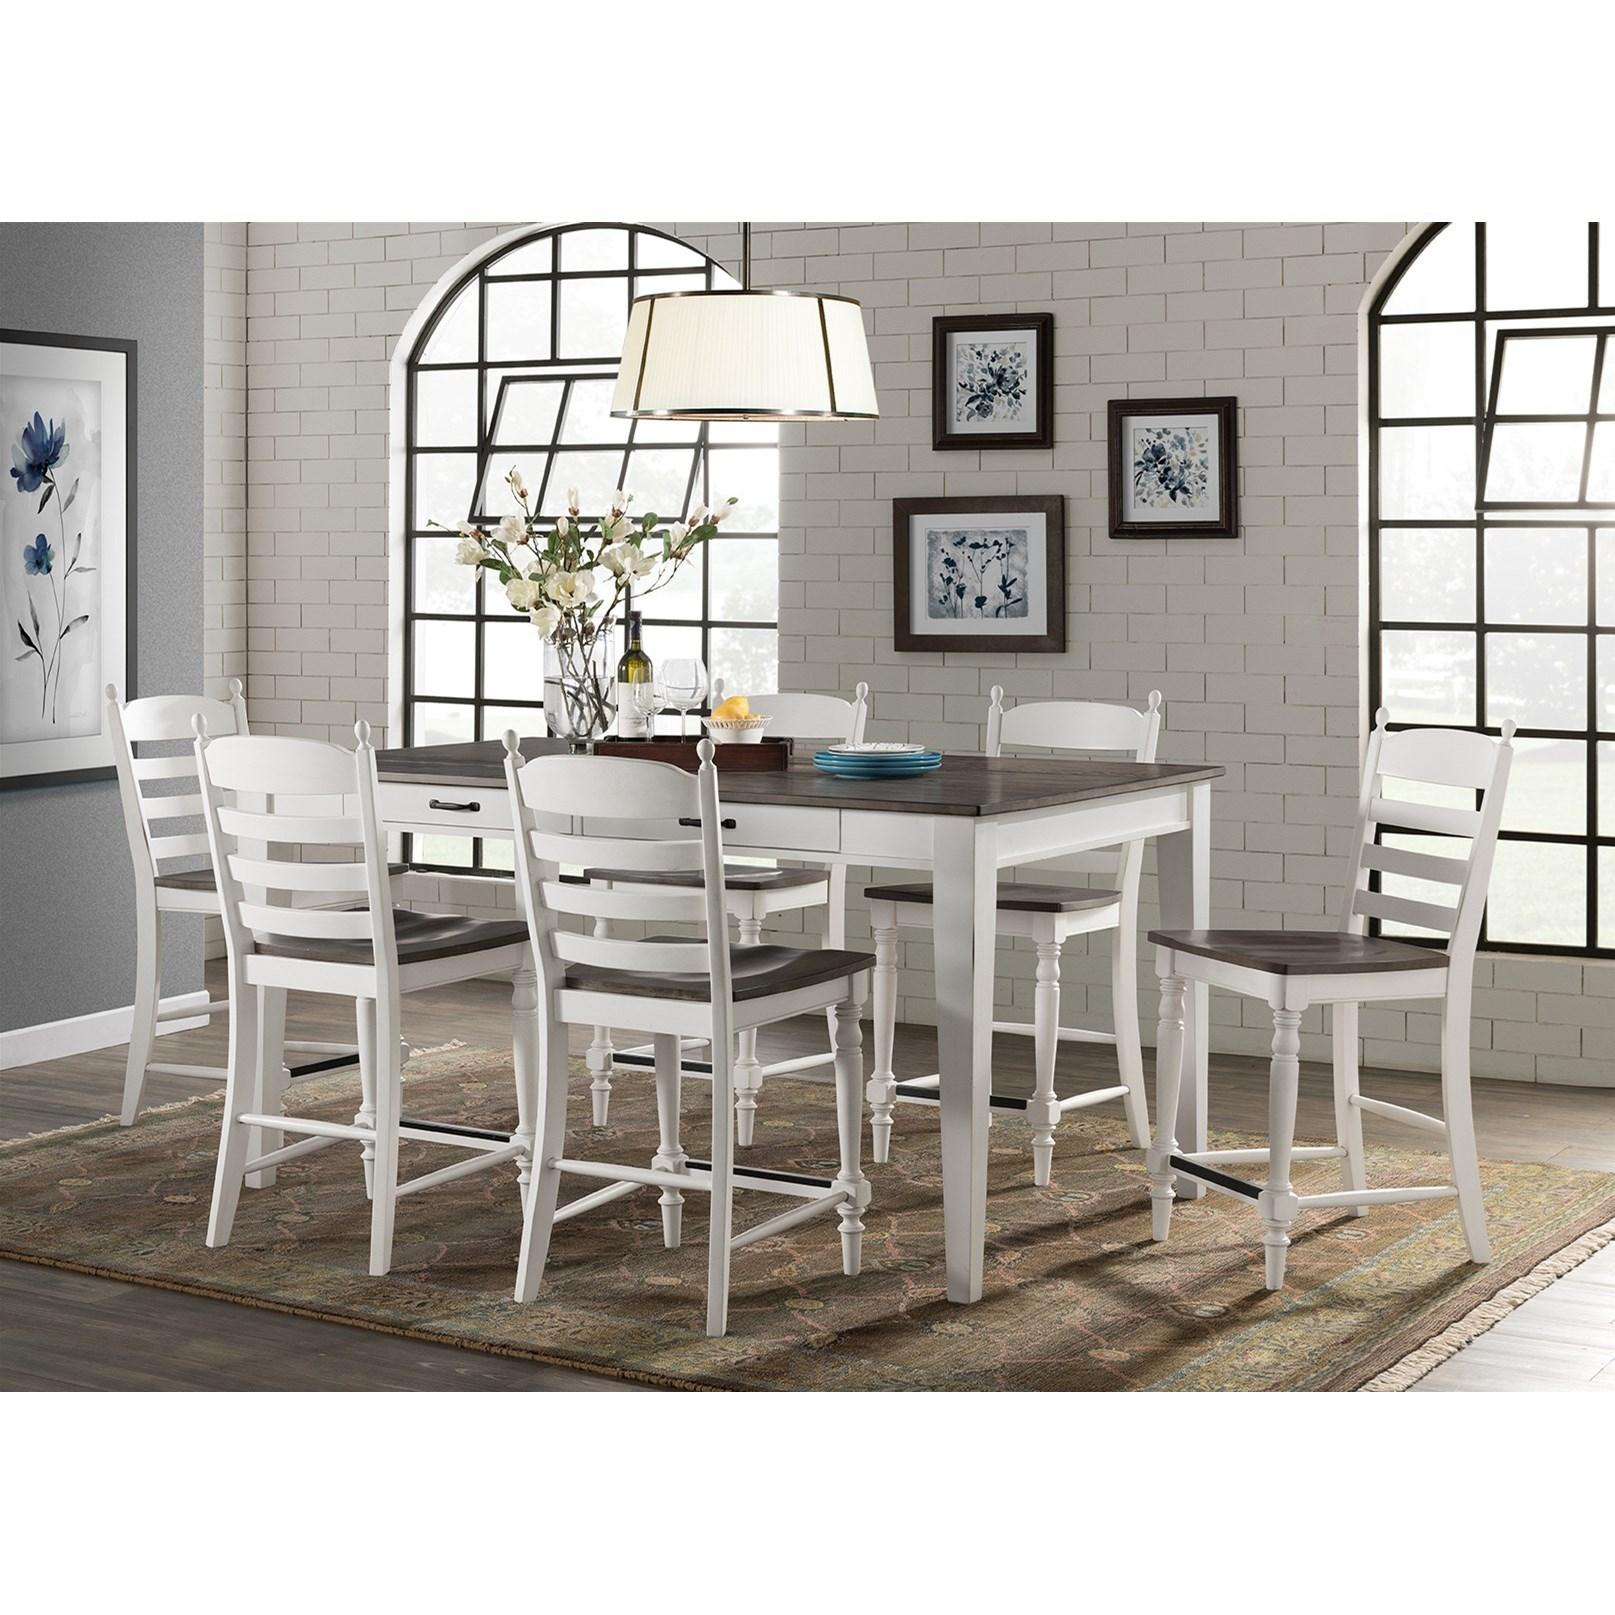 Goffena Furniture